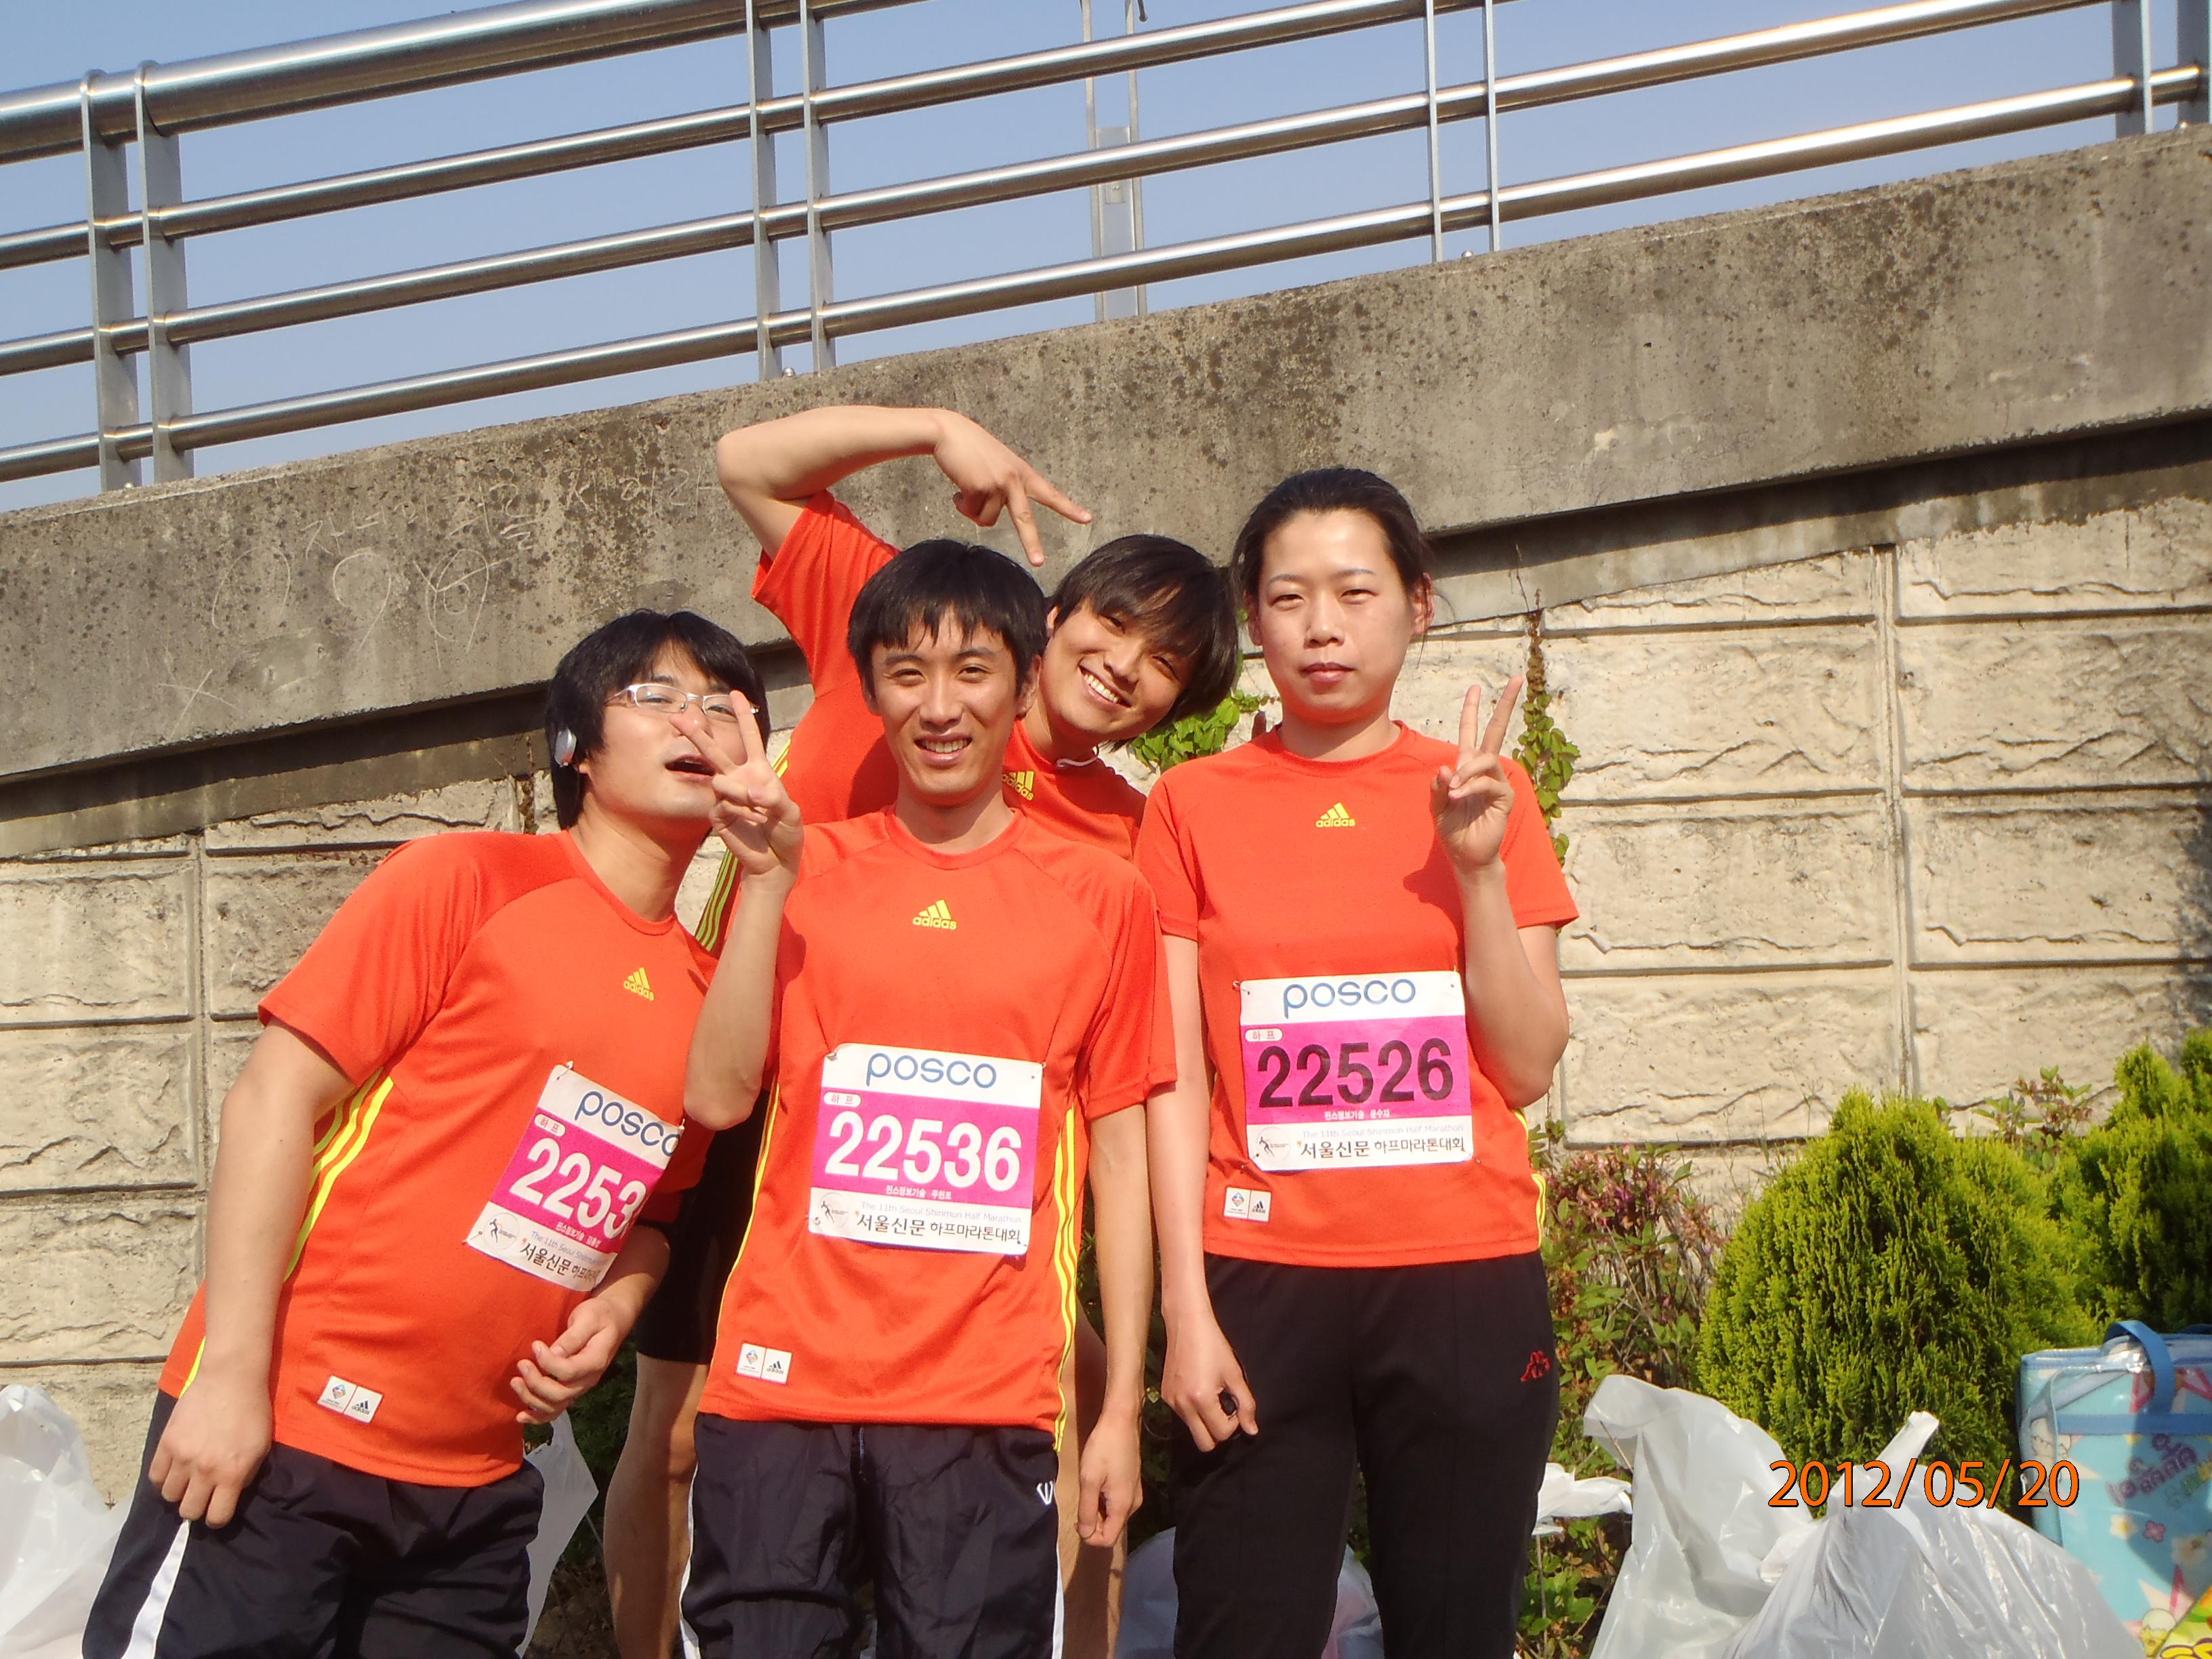 20120520 서울신문하프 (12).JPG